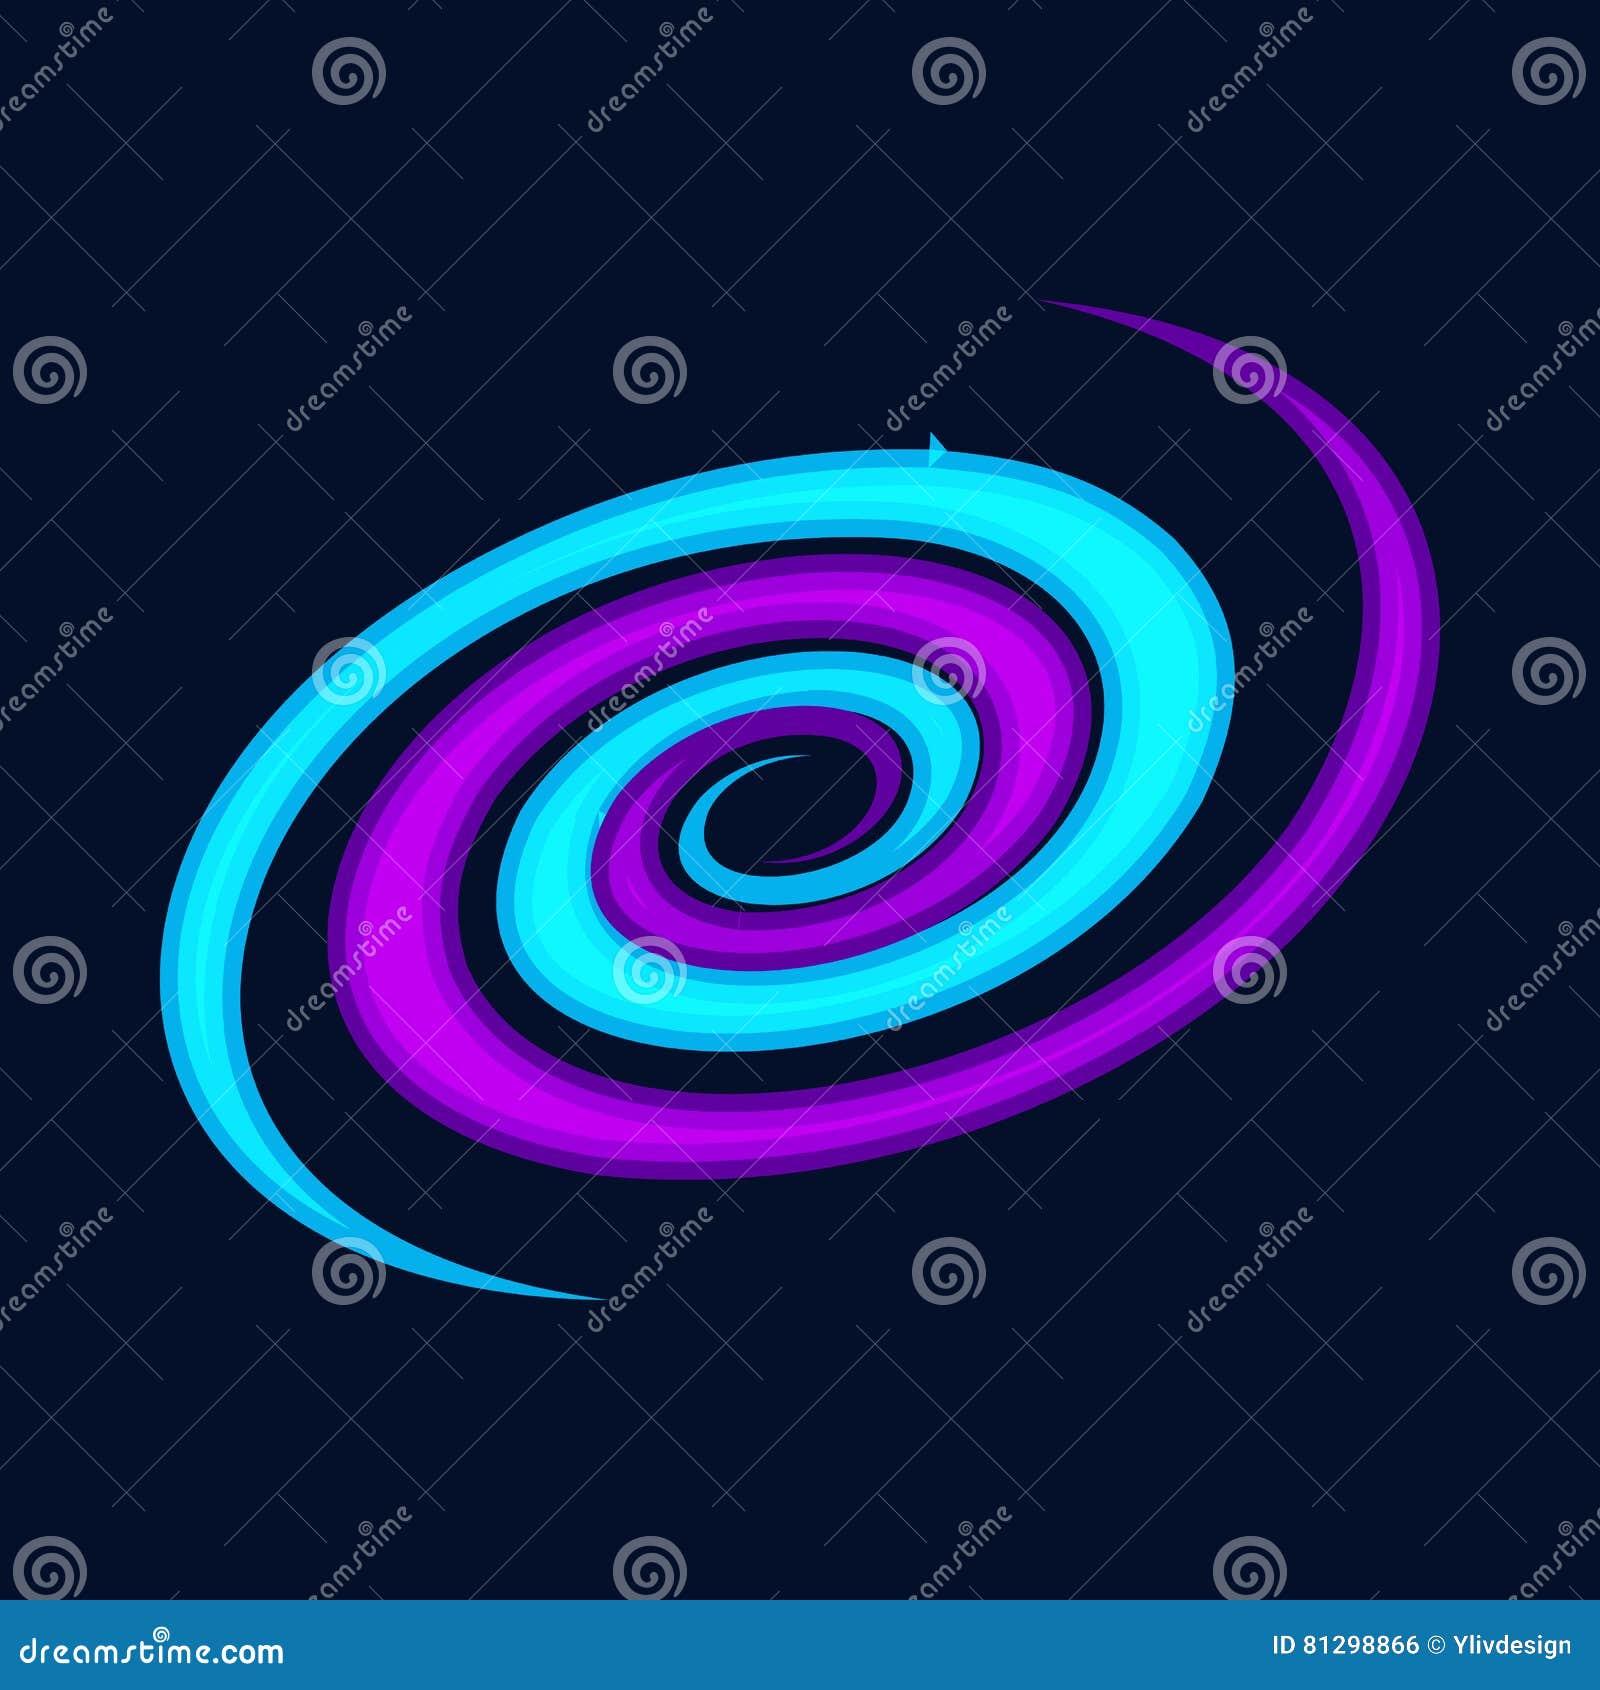 Icone Da Galaxia Espiral Estilo Dos Desenhos Animados Ilustracao